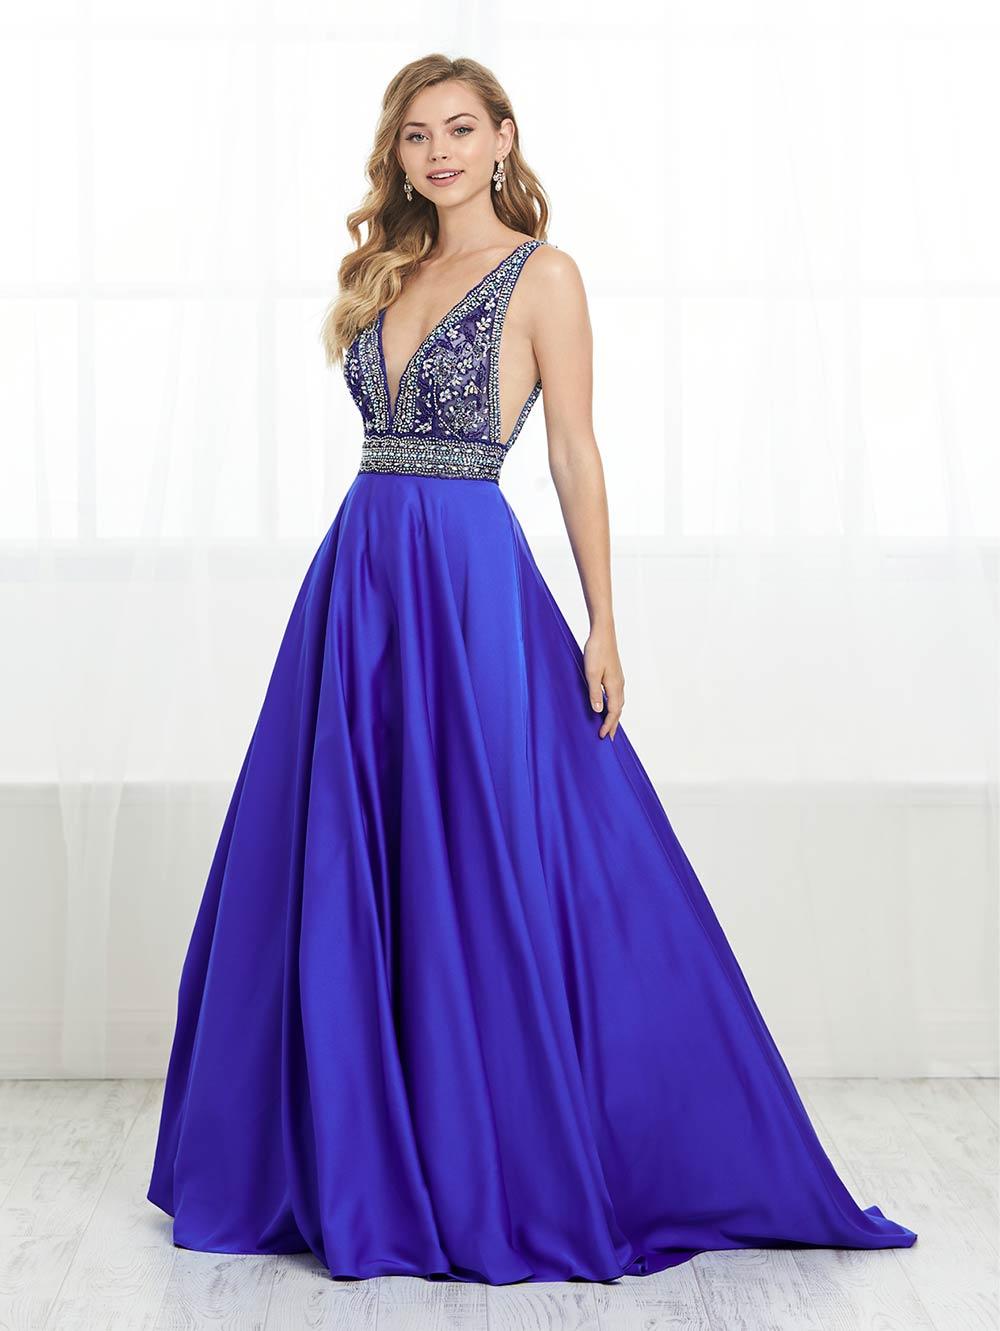 prom-dresses-jacquelin-bridals-canada-27671